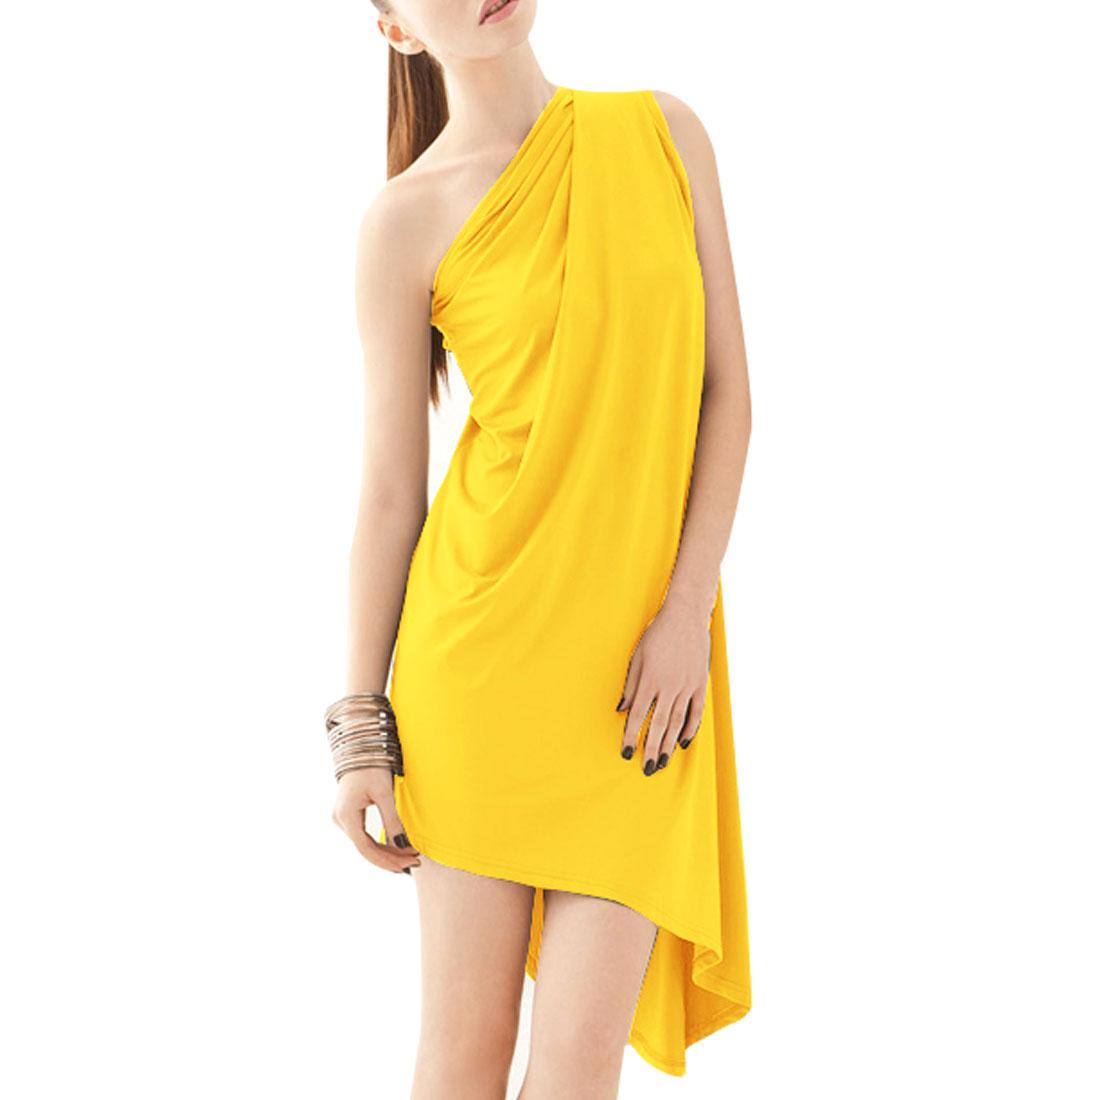 Irregular Hem Pure Yellow Stylish Mini Dress XS for Woman